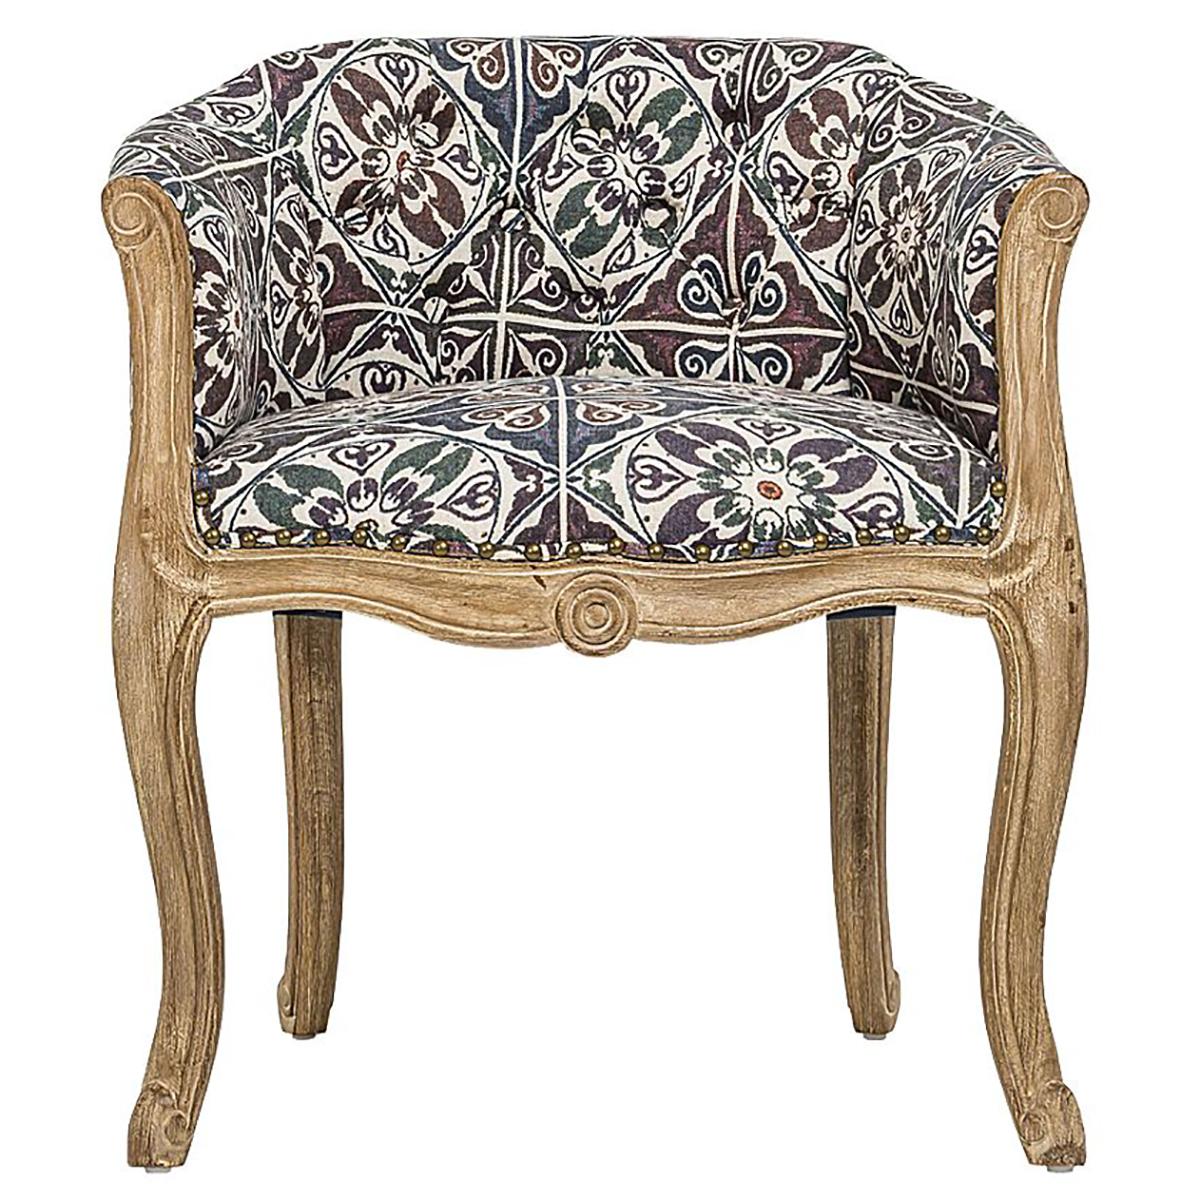 Купить Кресло Биарриц Арабеск в интернет магазине дизайнерской мебели и аксессуаров для дома и дачи